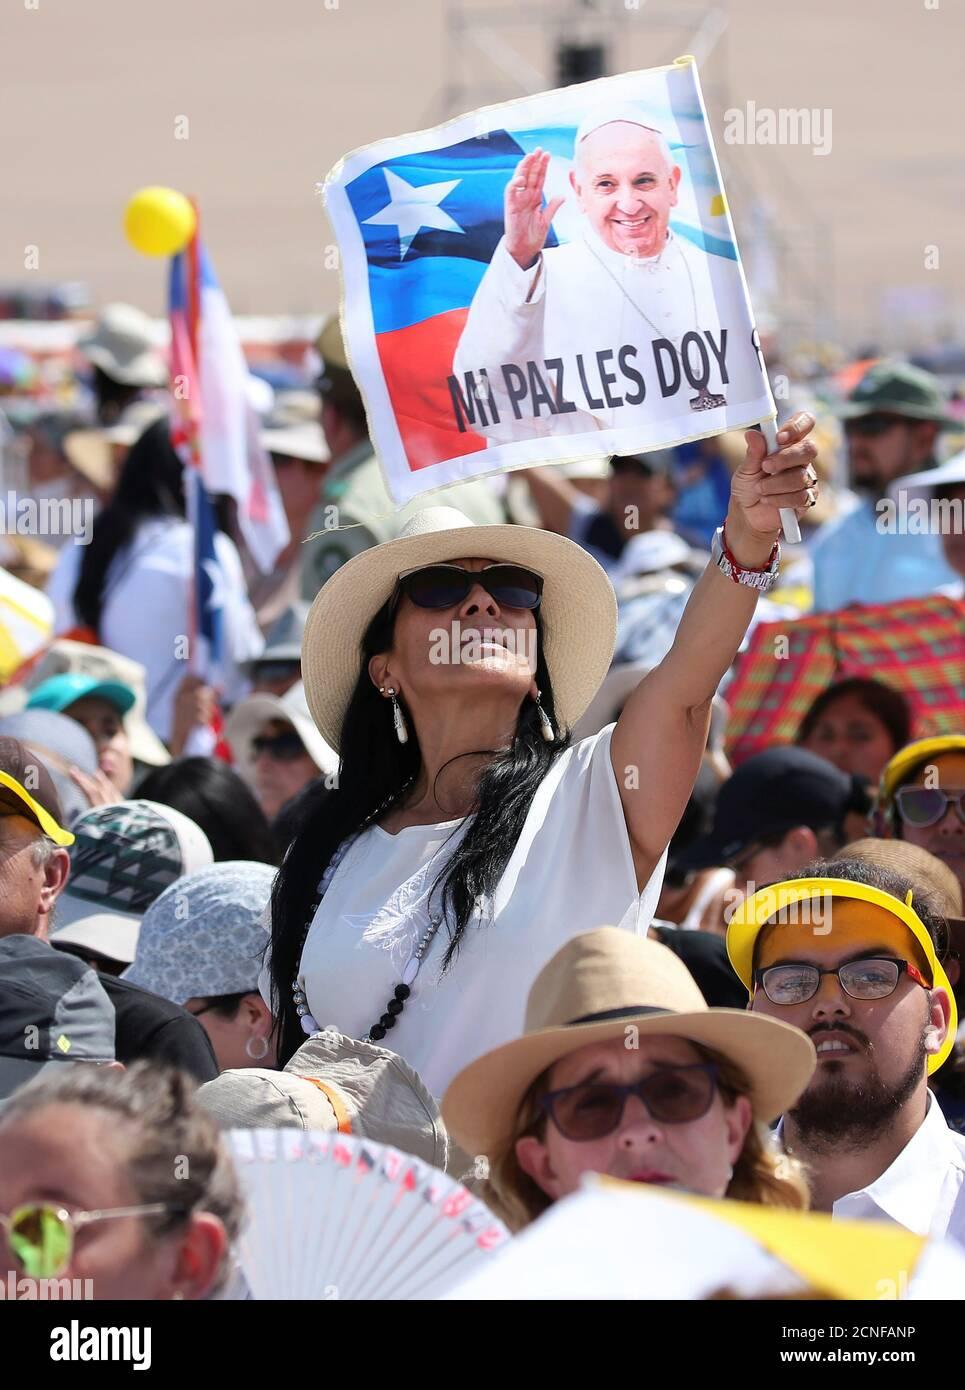 Une femme porte un drapeau alors que le pape François arrive à la tête d'une messe sur la plage de Lobito à Iquique, au Chili, le 18 janvier 2018. REUTERS/Alessandro Bianchi Banque D'Images